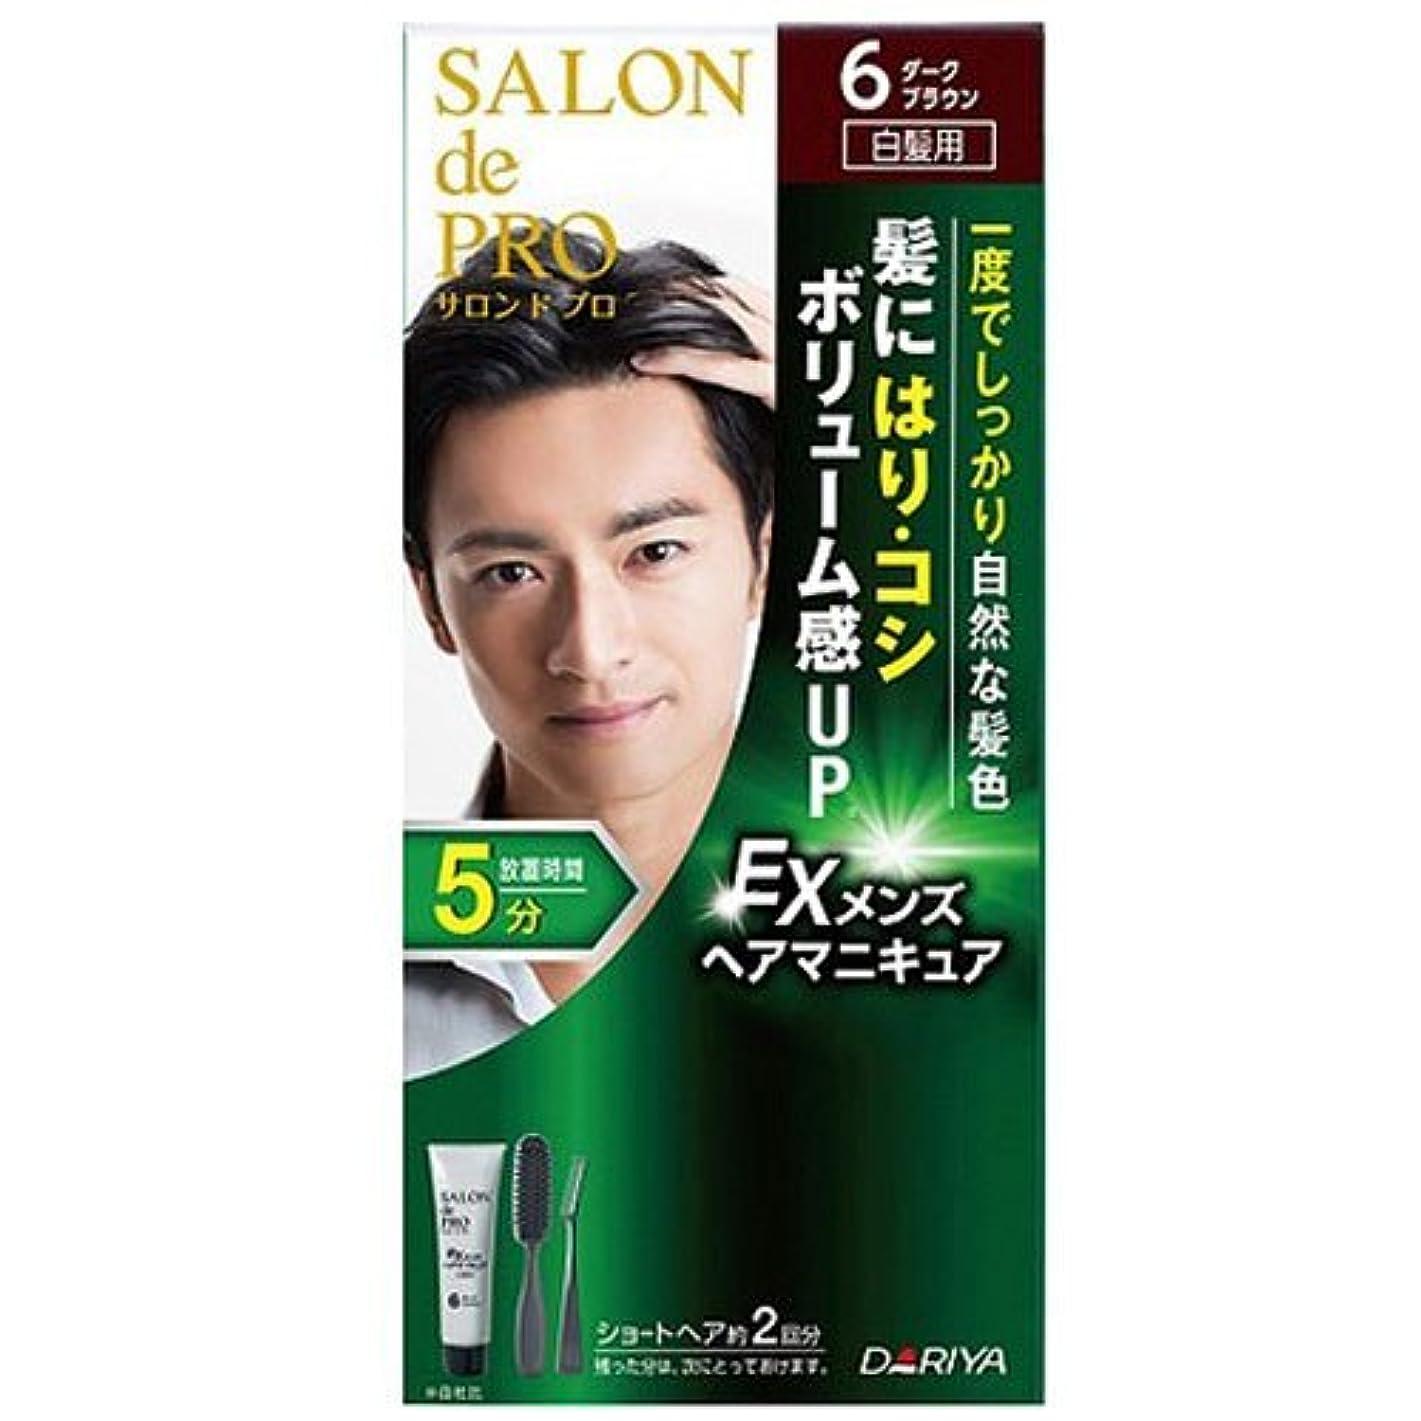 遡るキャベツ安定したサロンドプロ EXメンズヘアマニキュア 白髪用 6 ダークブラウン